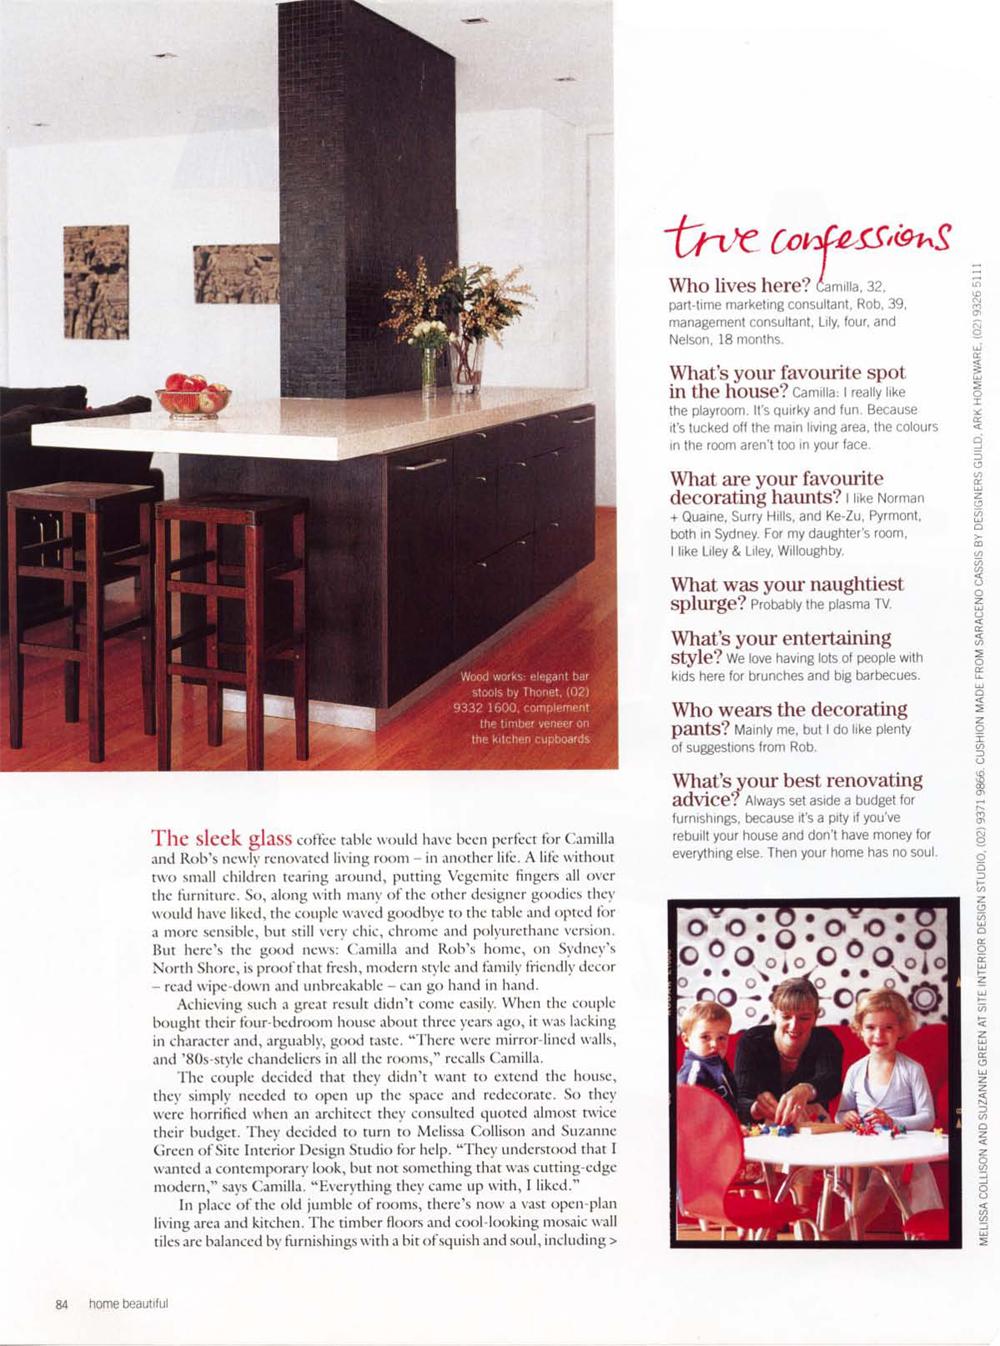 Home_Beautiful_June04_article1-4.jpg